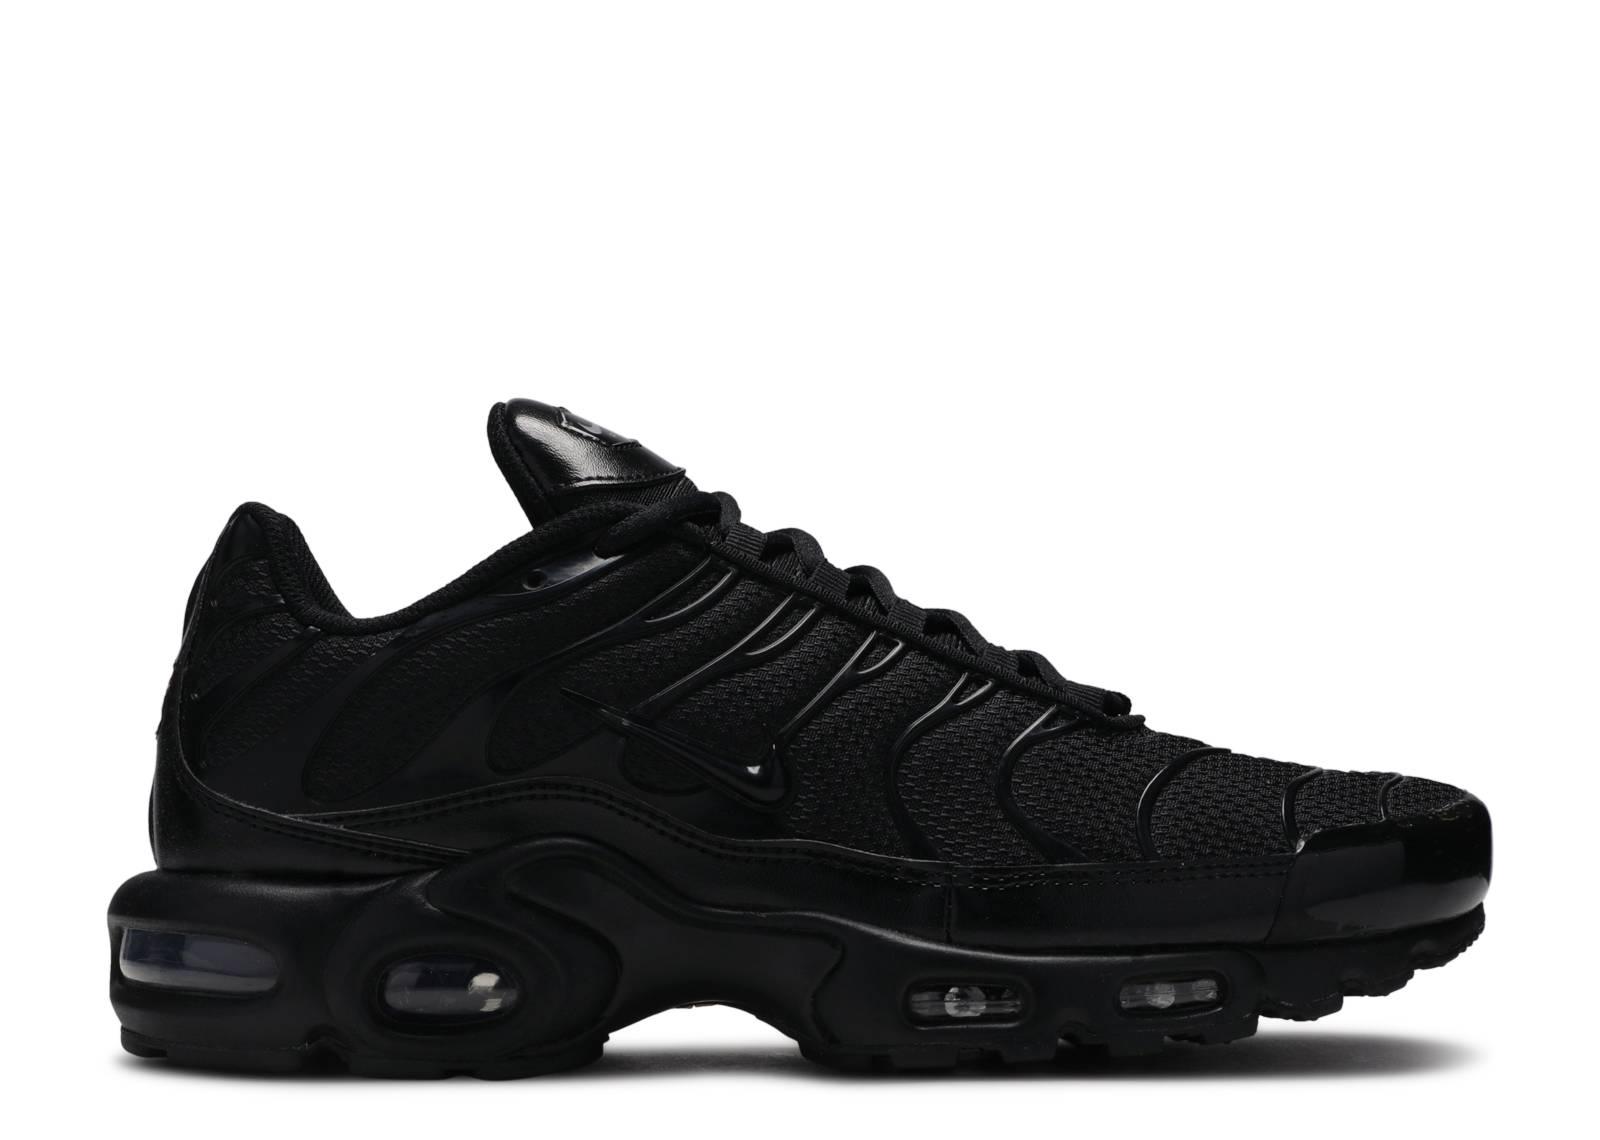 857b57617ab0a Air Max Plus - Nike - 604133 050 - black/black | Flight Club